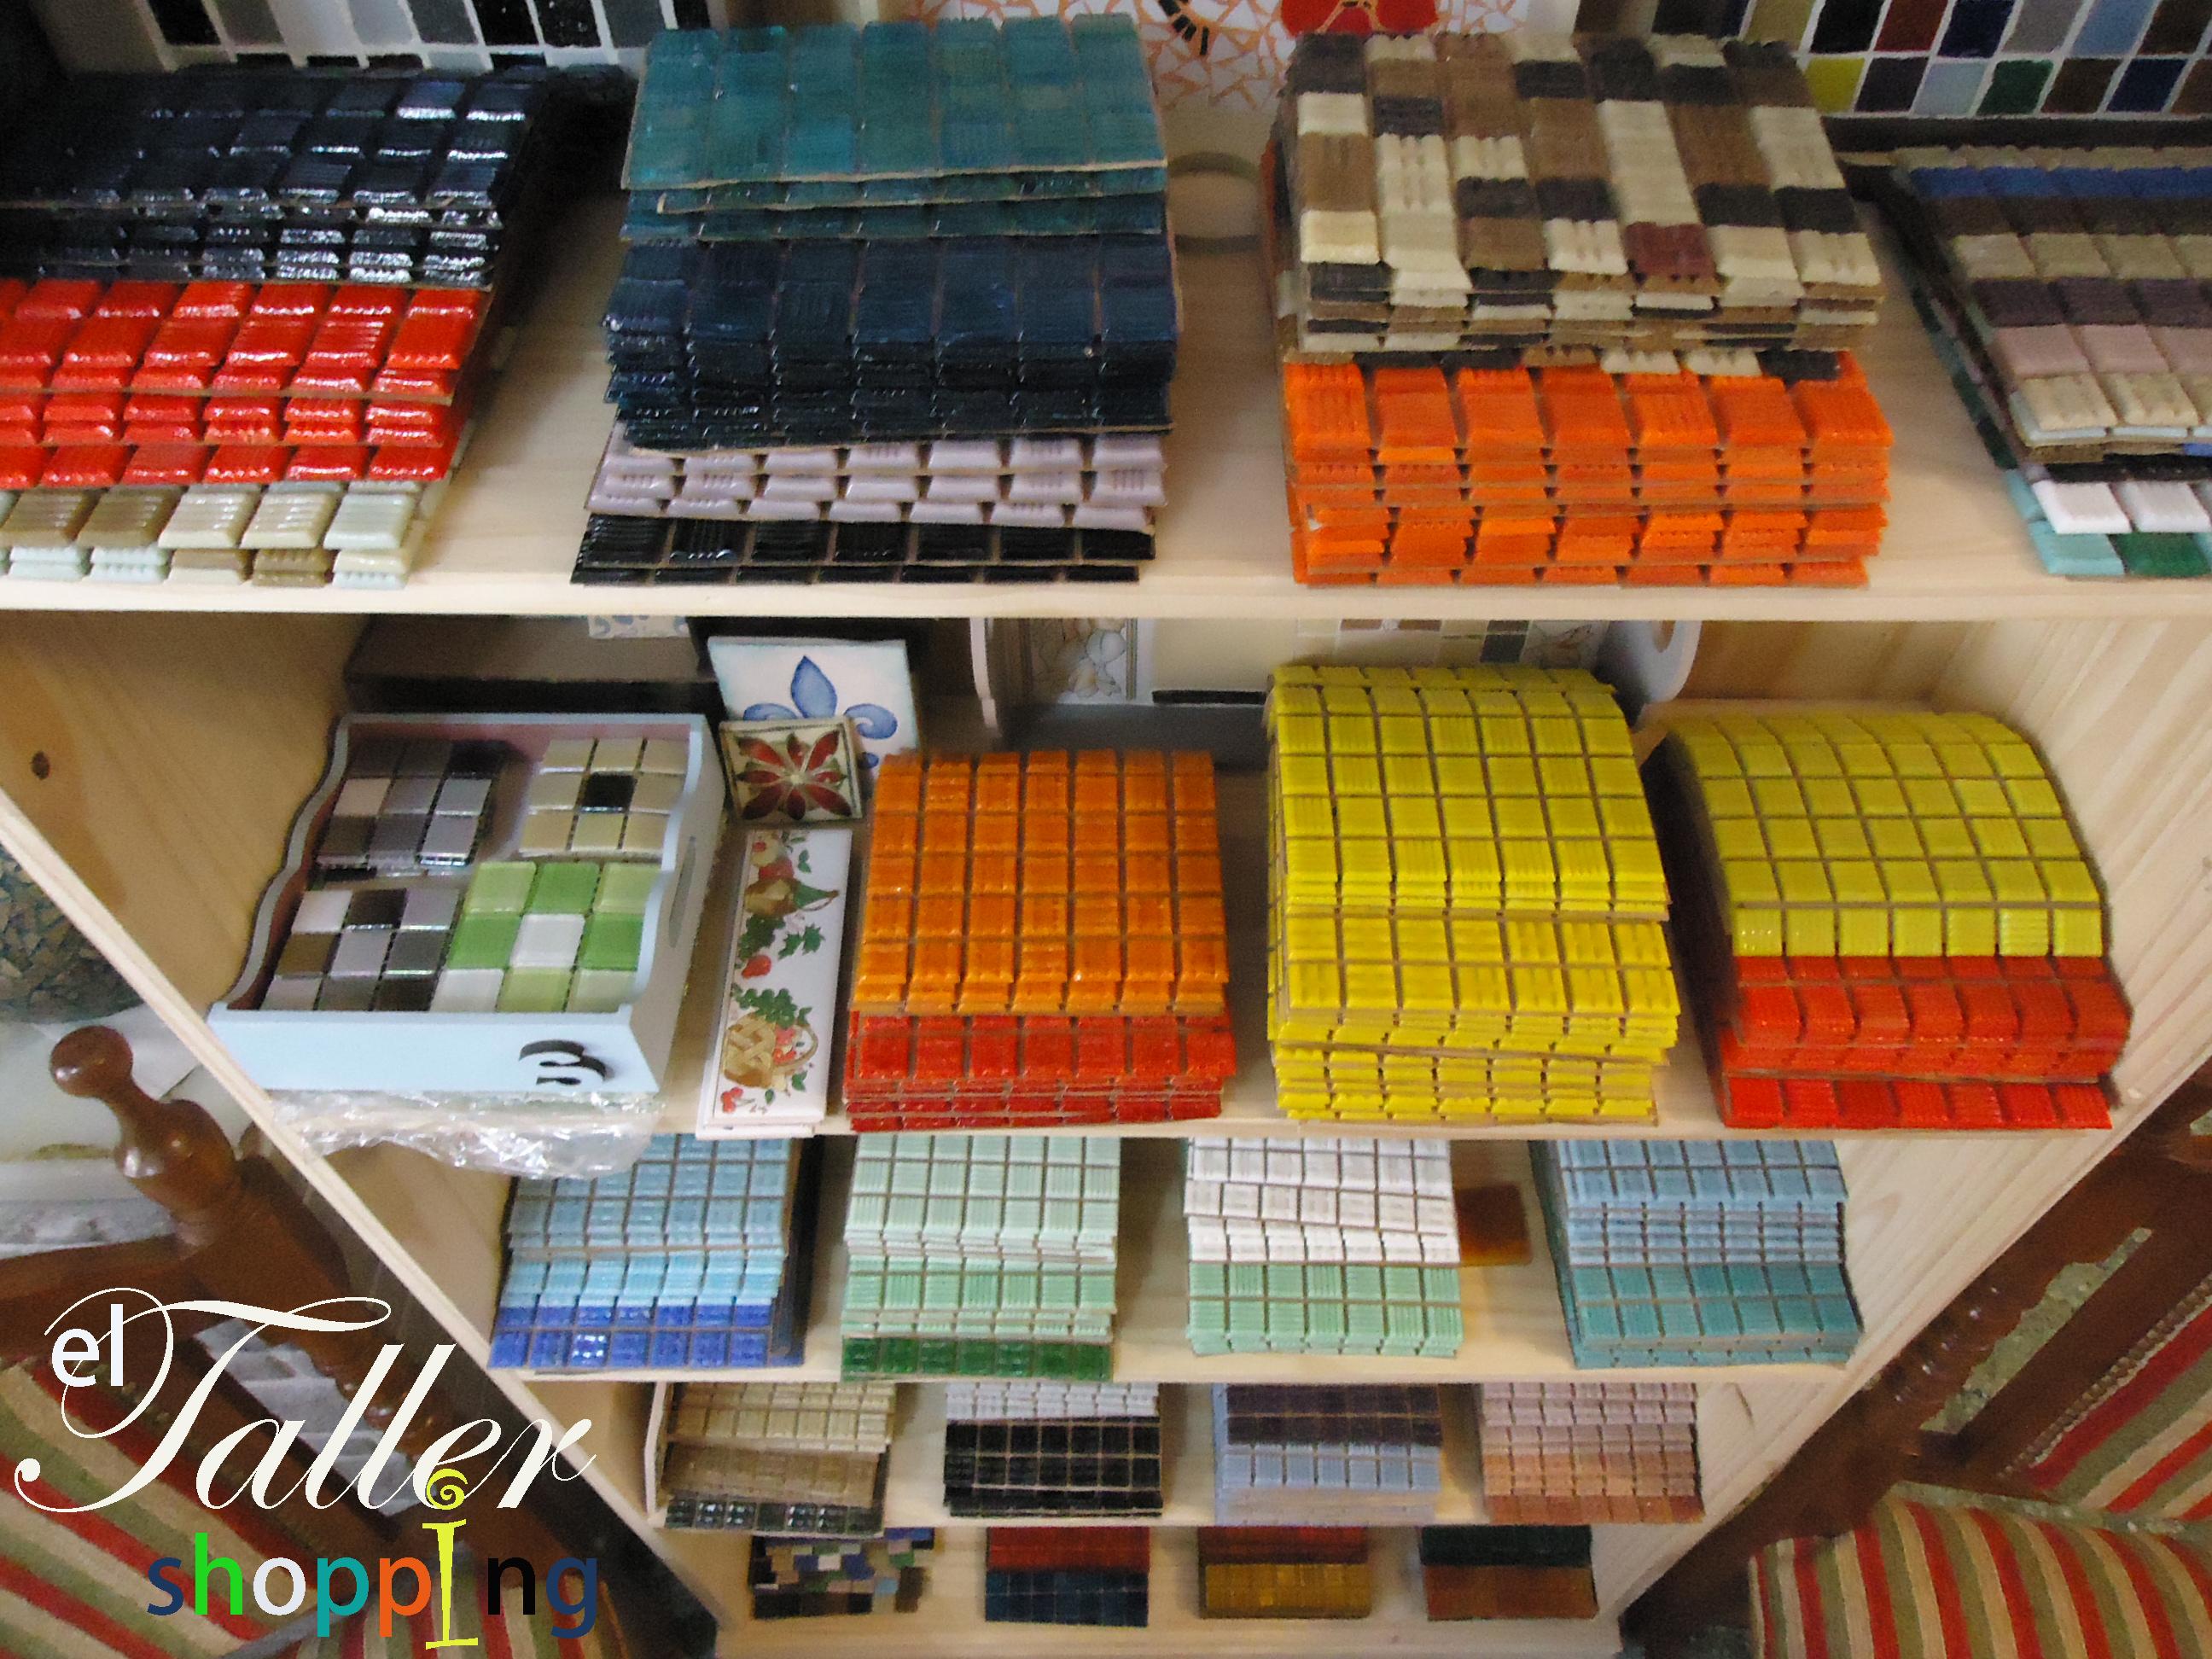 Venecitas el taller de toli shopping el taller de toli - El taller de pinero ...